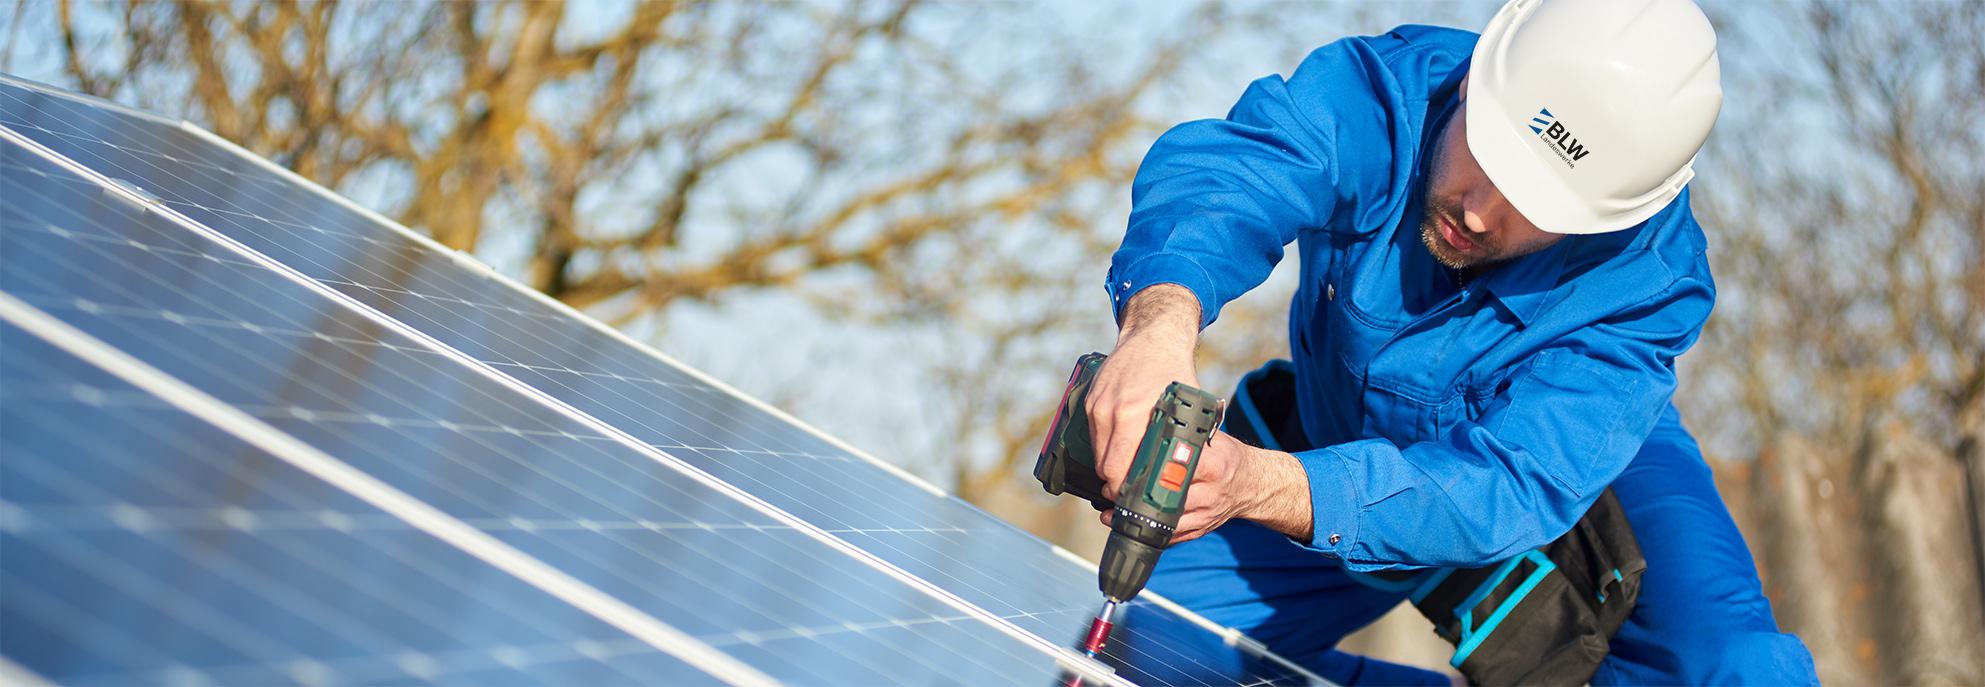 Kosten einer Solaranlage